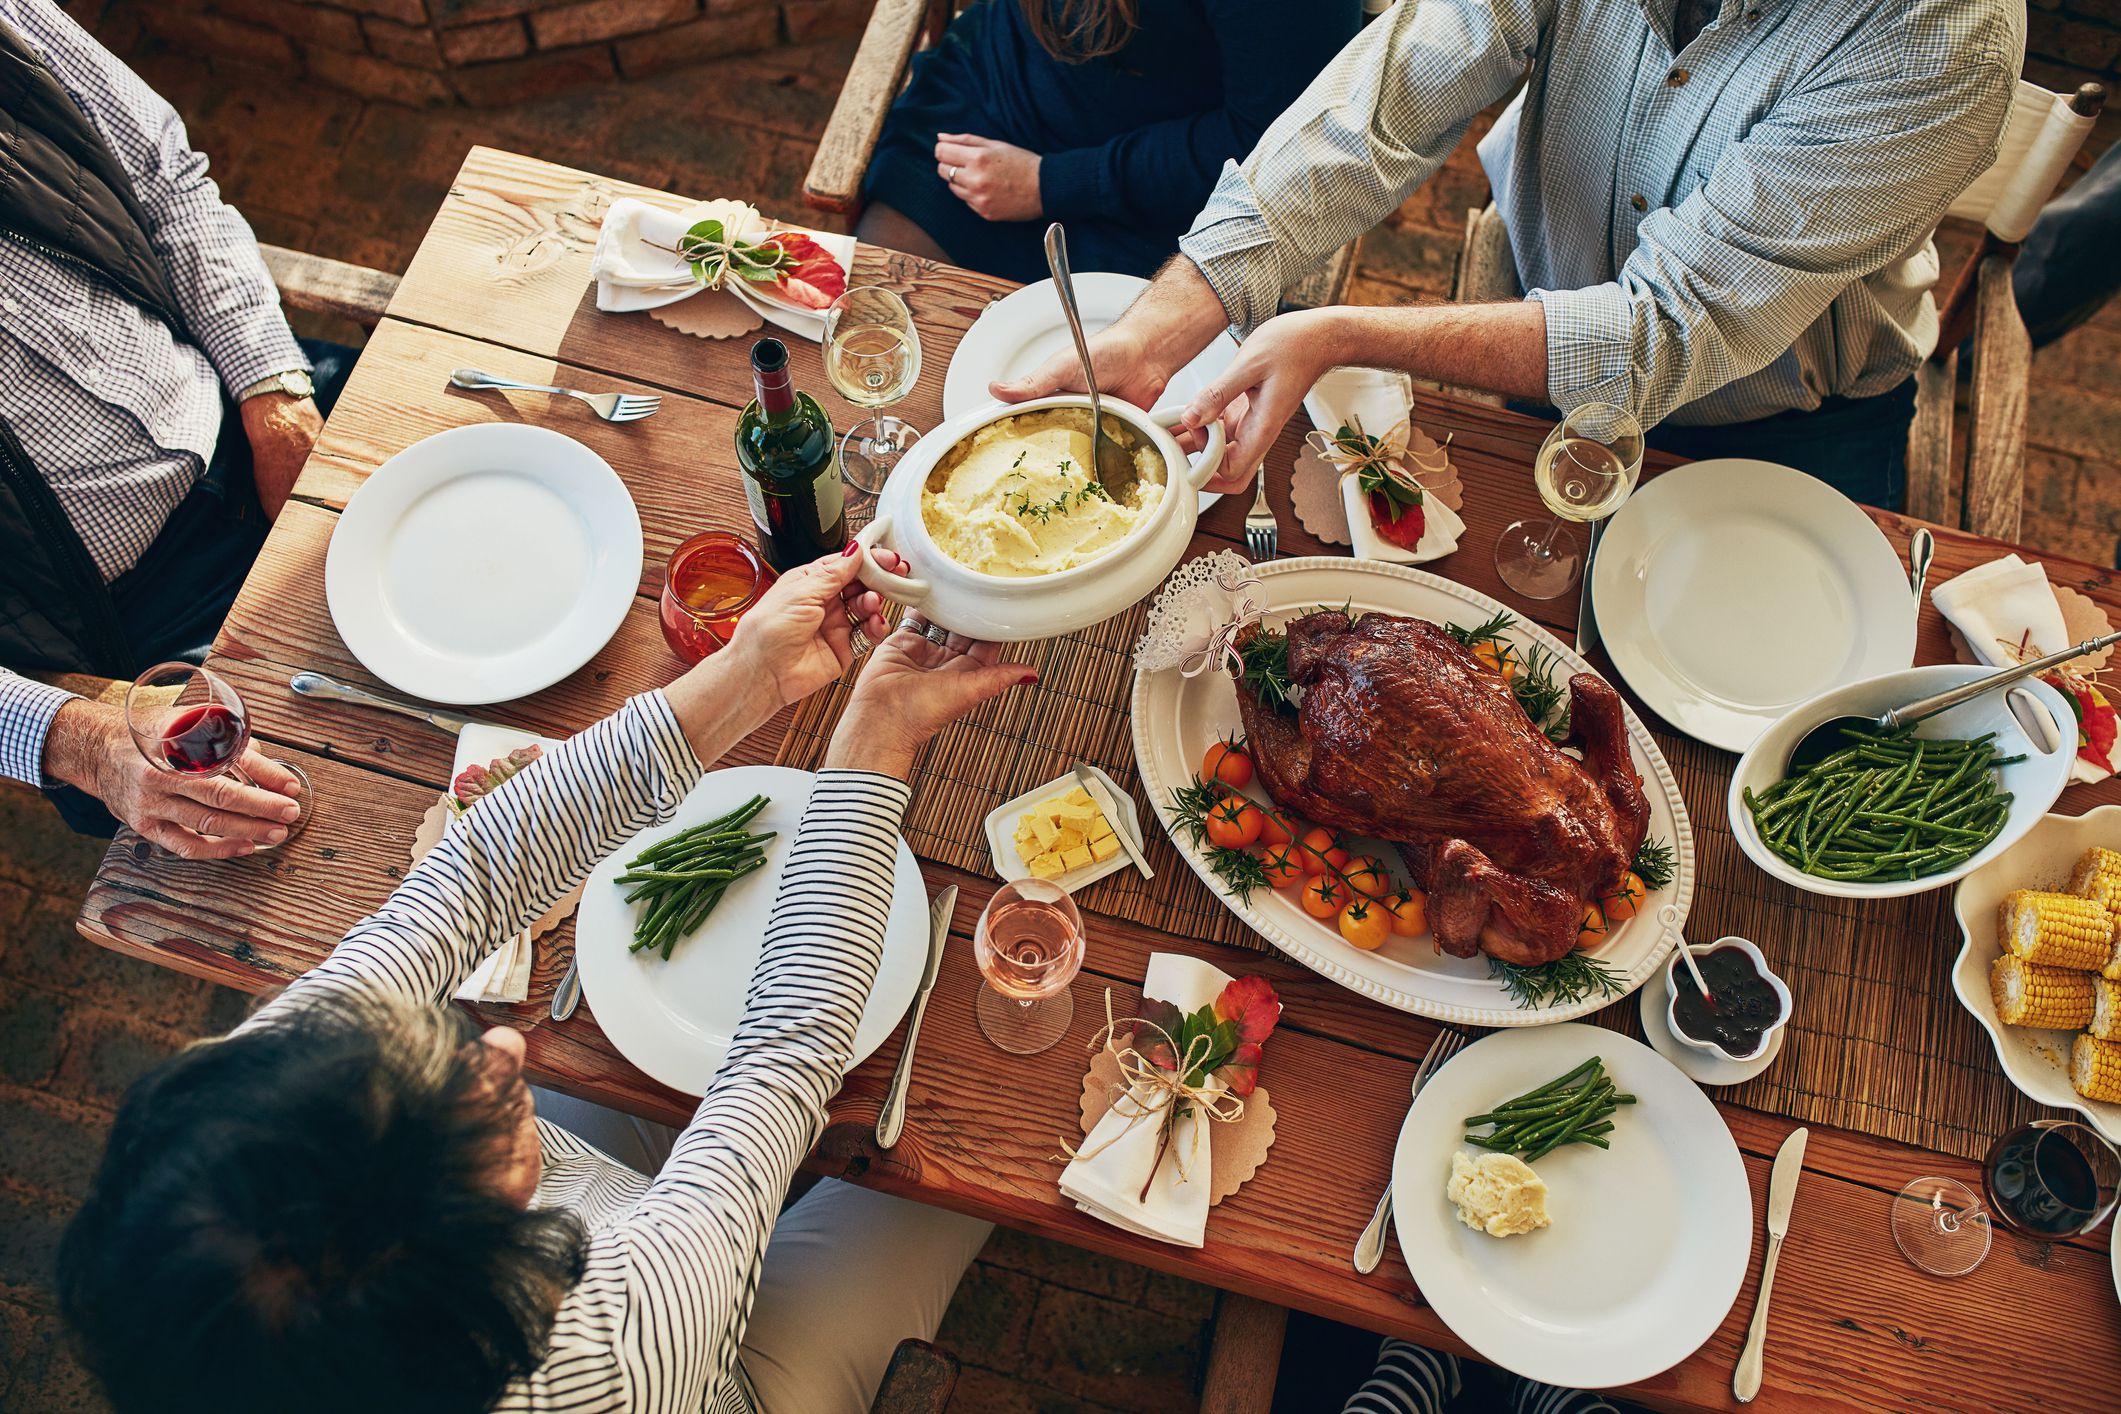 обед в выходные дни с фото островах организован крупный